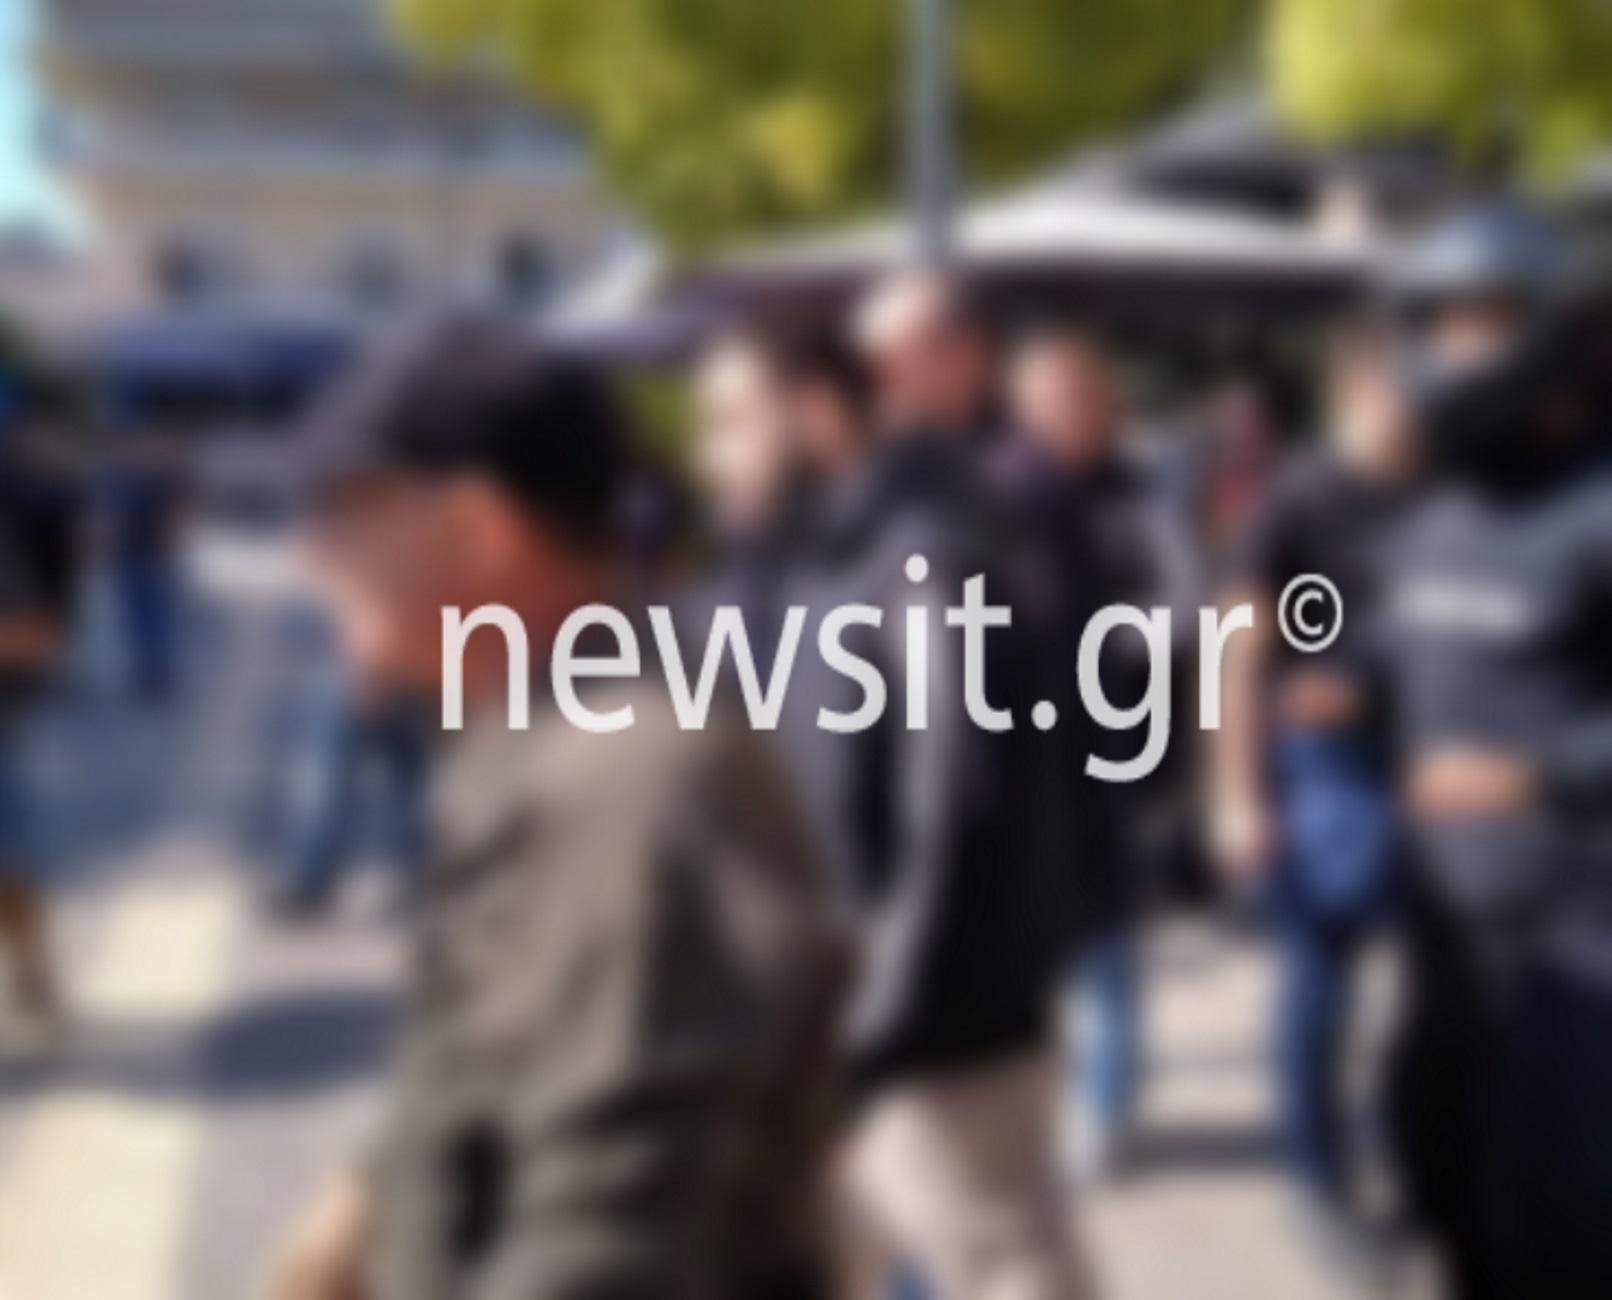 Θεσσαλονίκη: Παρέμβαση των δικηγόρων στη δίκη της Χρυσής Αυγής για την άγρια επίθεση στα μέλη της ΚΝΕ